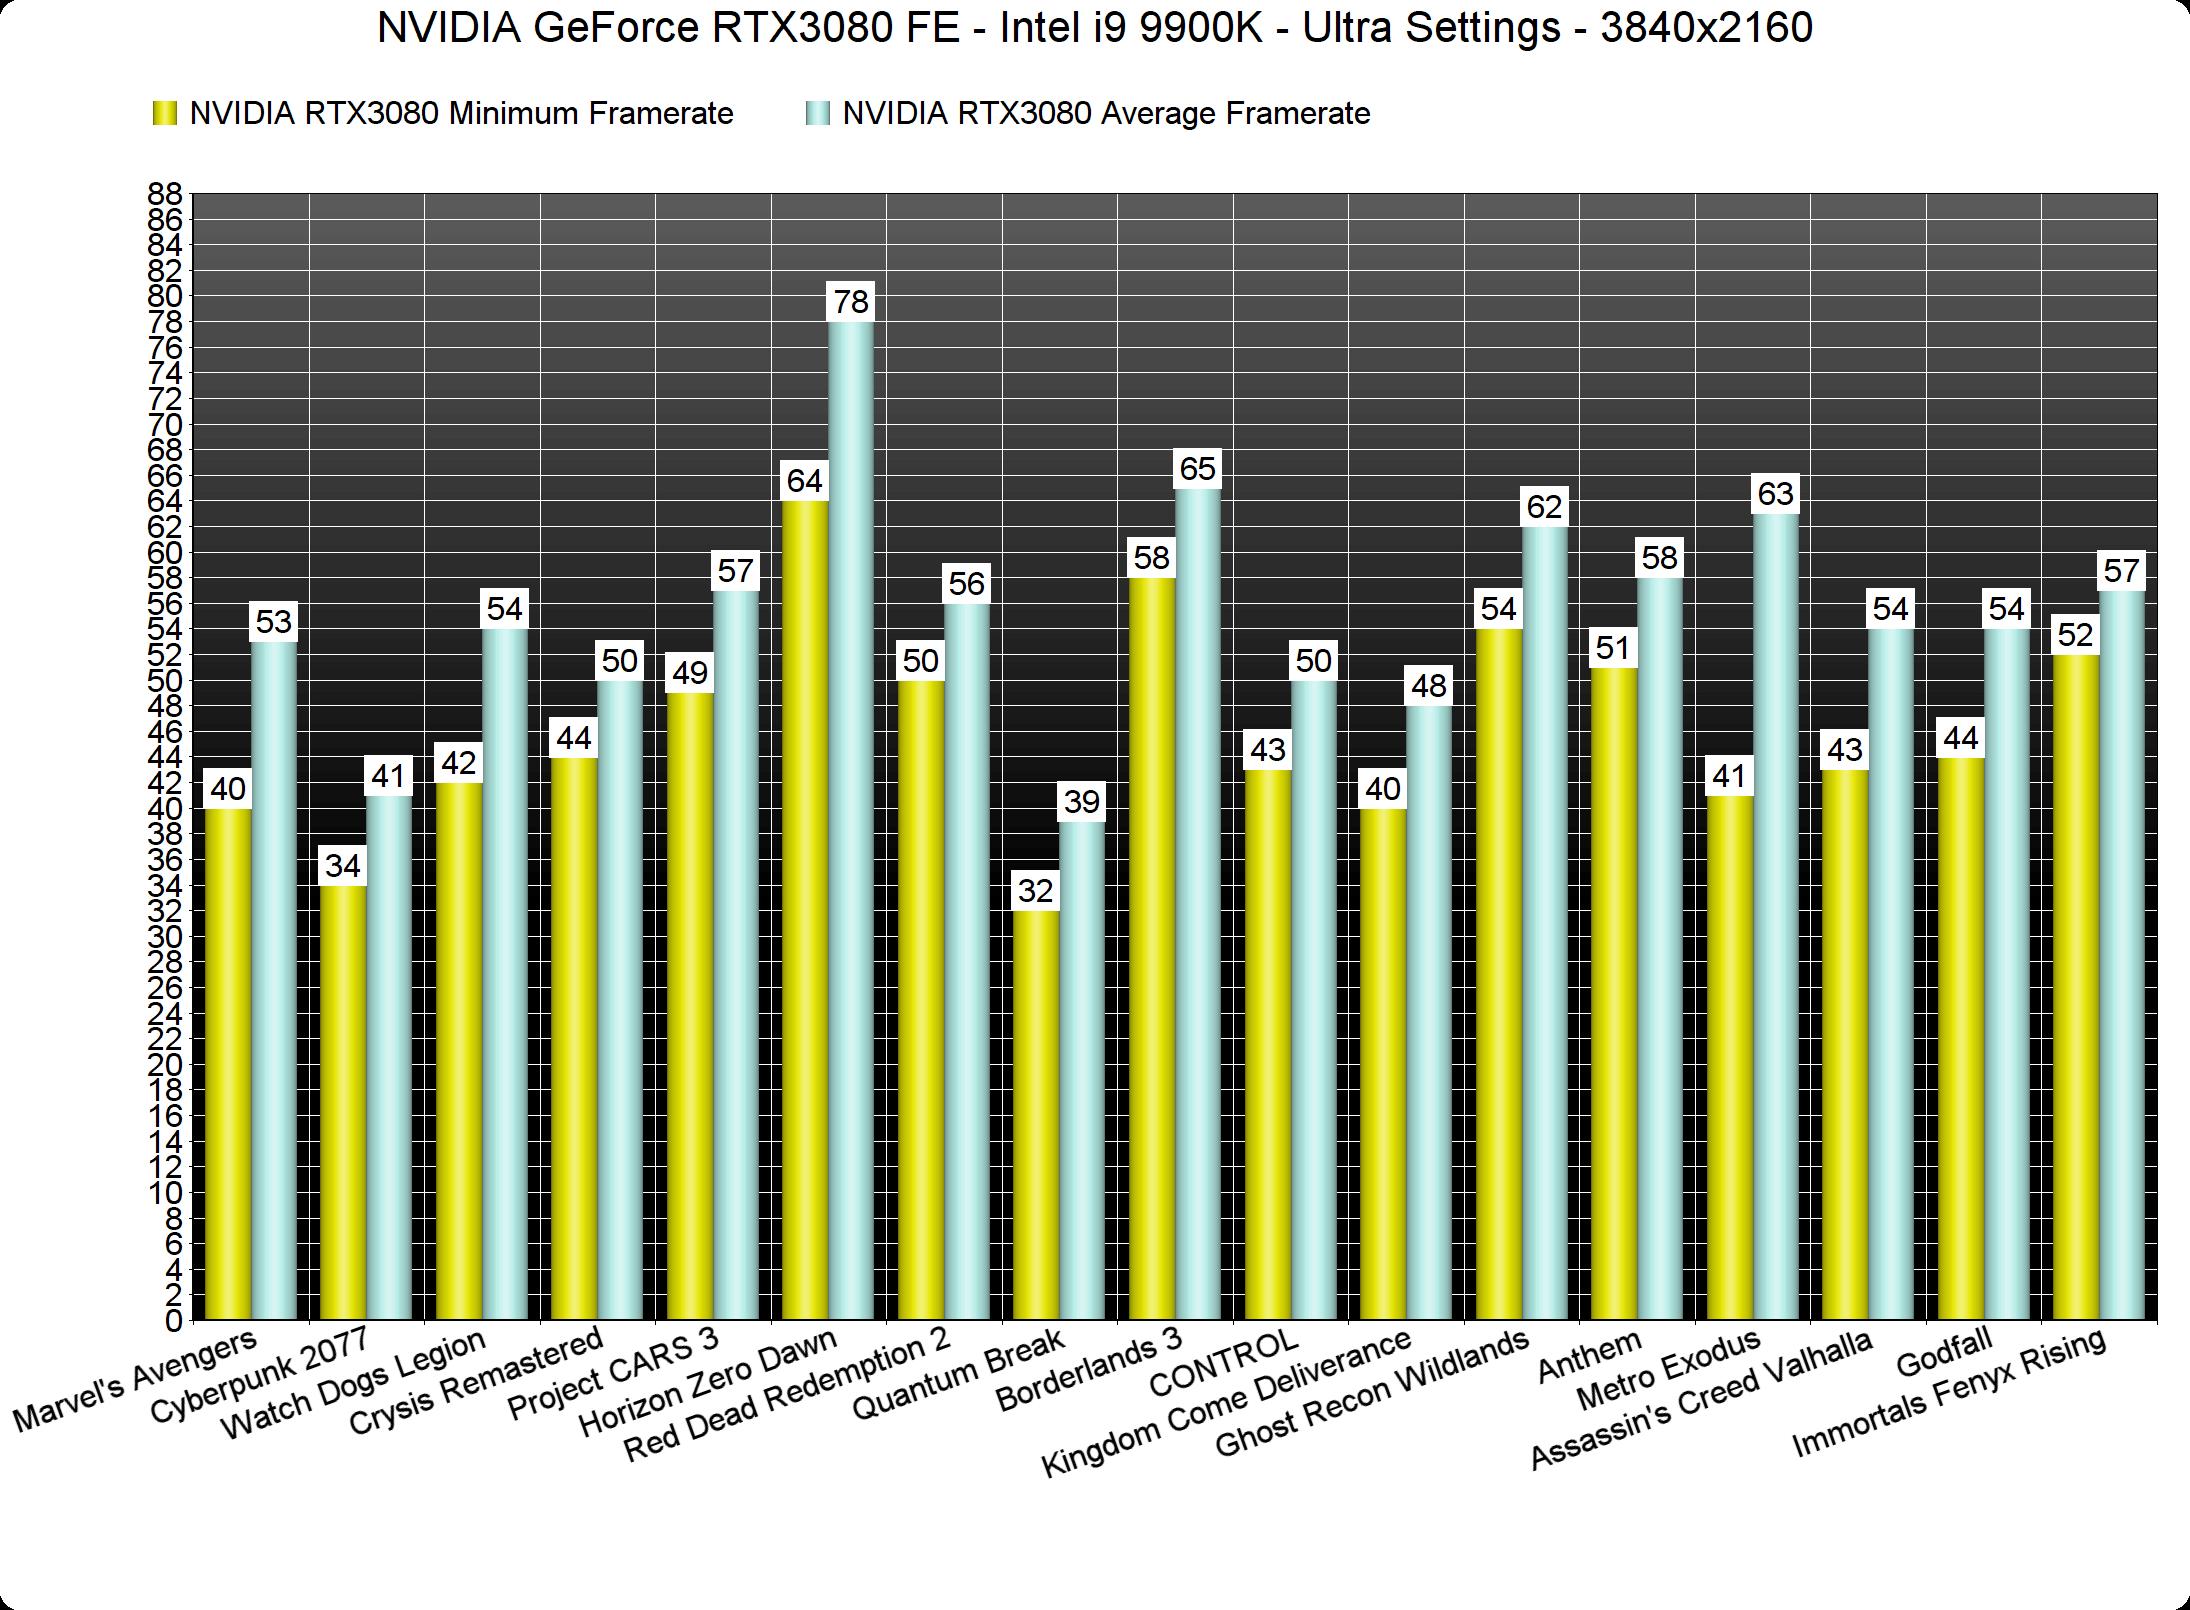 NVIDIA GeForce RTX3080 4K benchmarks